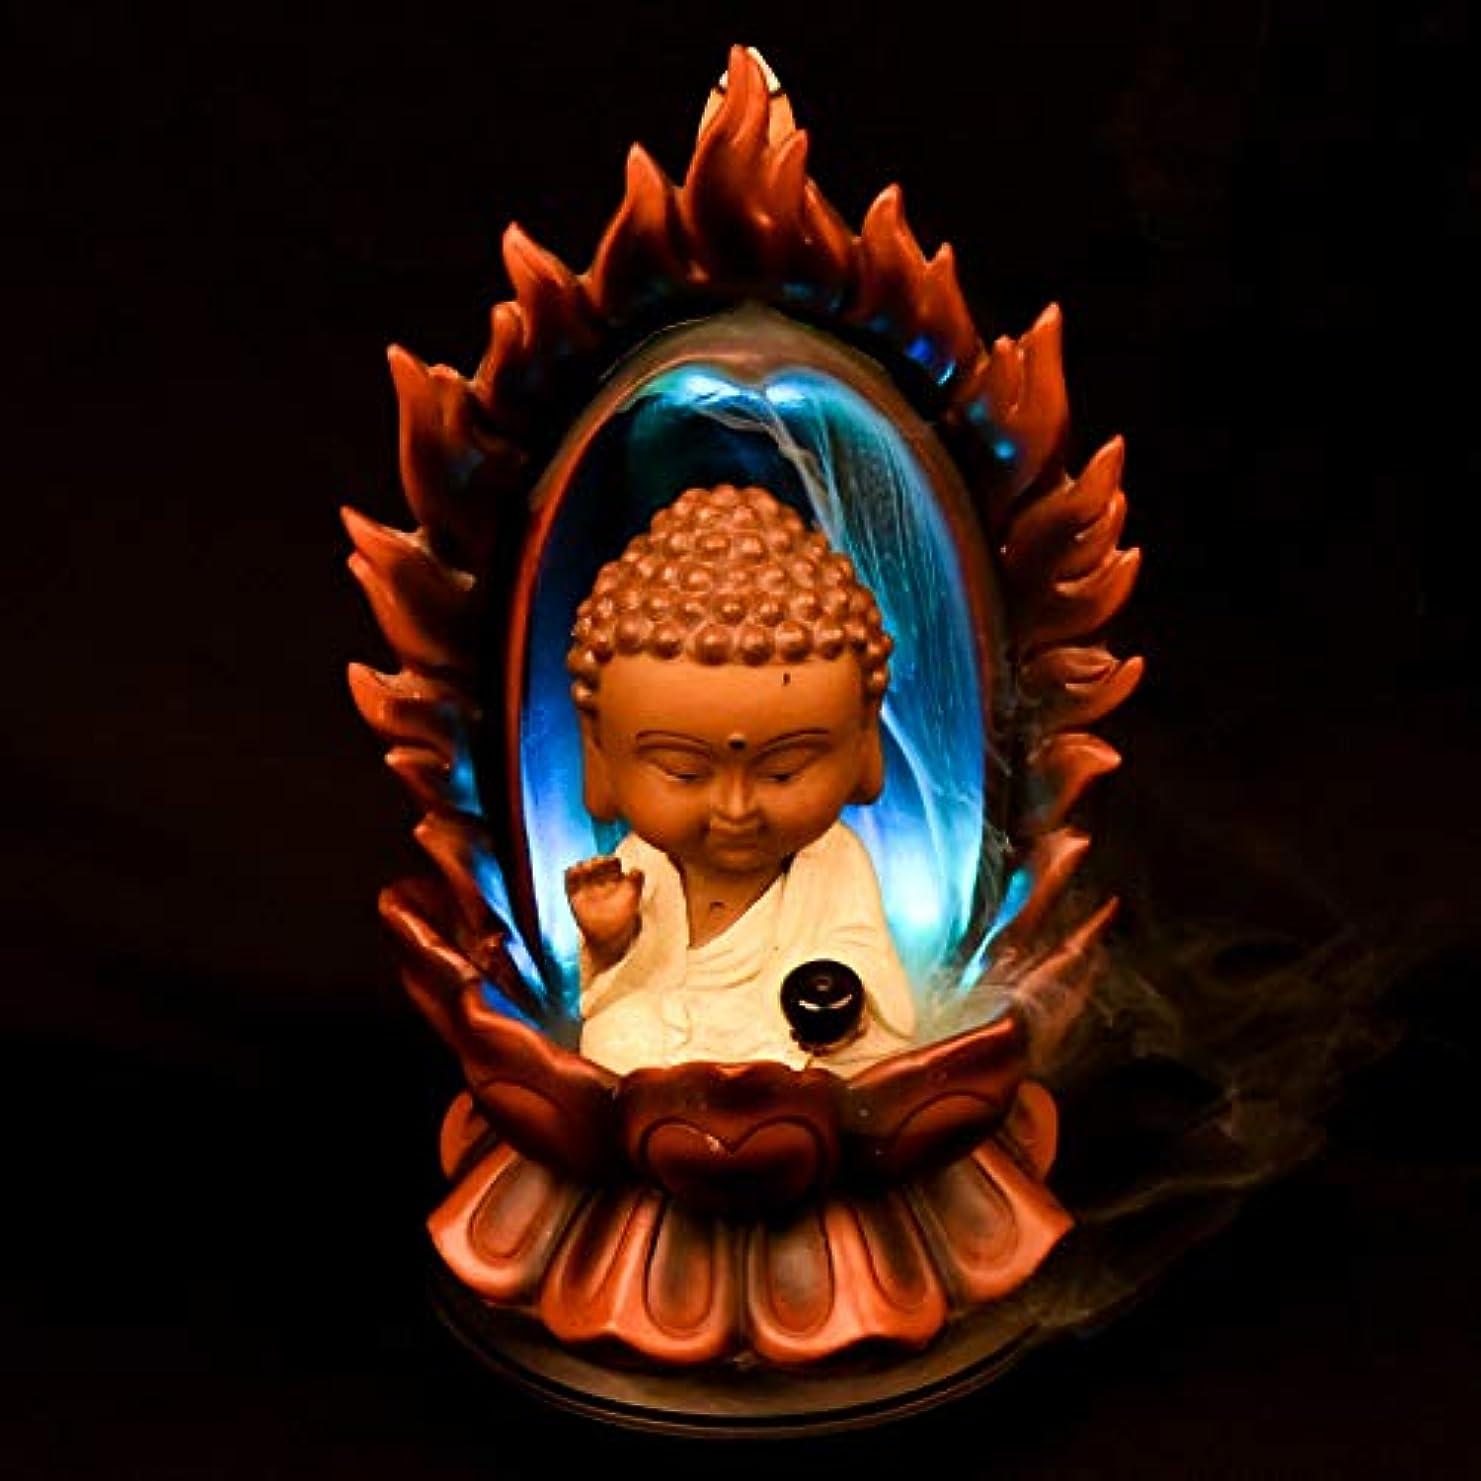 殺す昇進フォーラムPHILOGOD 樹脂逆流香 パーソナリティスタイリング仏壇用香炉/香立て お香 ホルダー ホームデコレーション